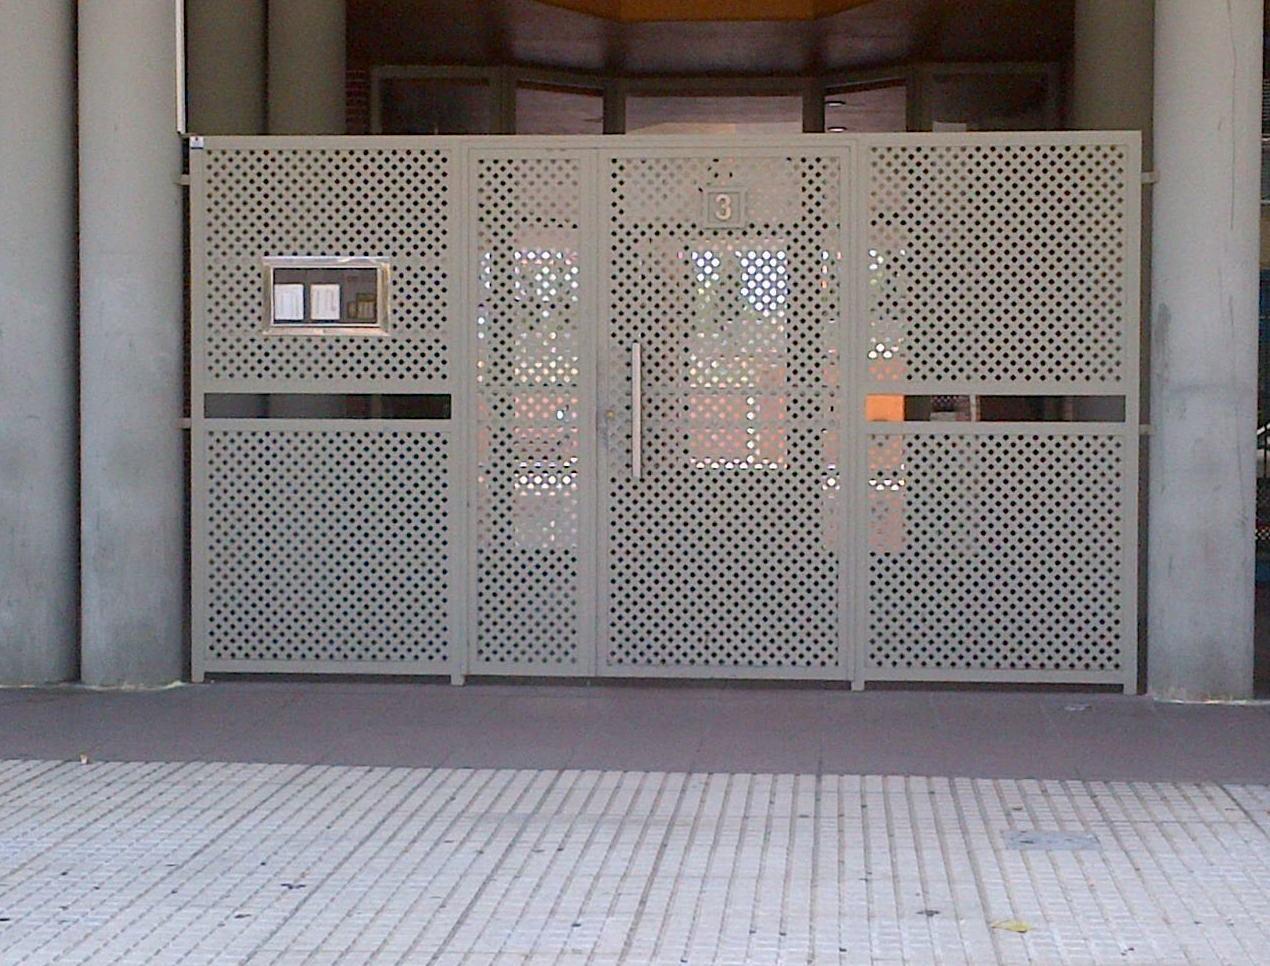 Foto 16 de puertas autom ticas en chiclana de la frontera - Puertas de chapa galvanizada ...